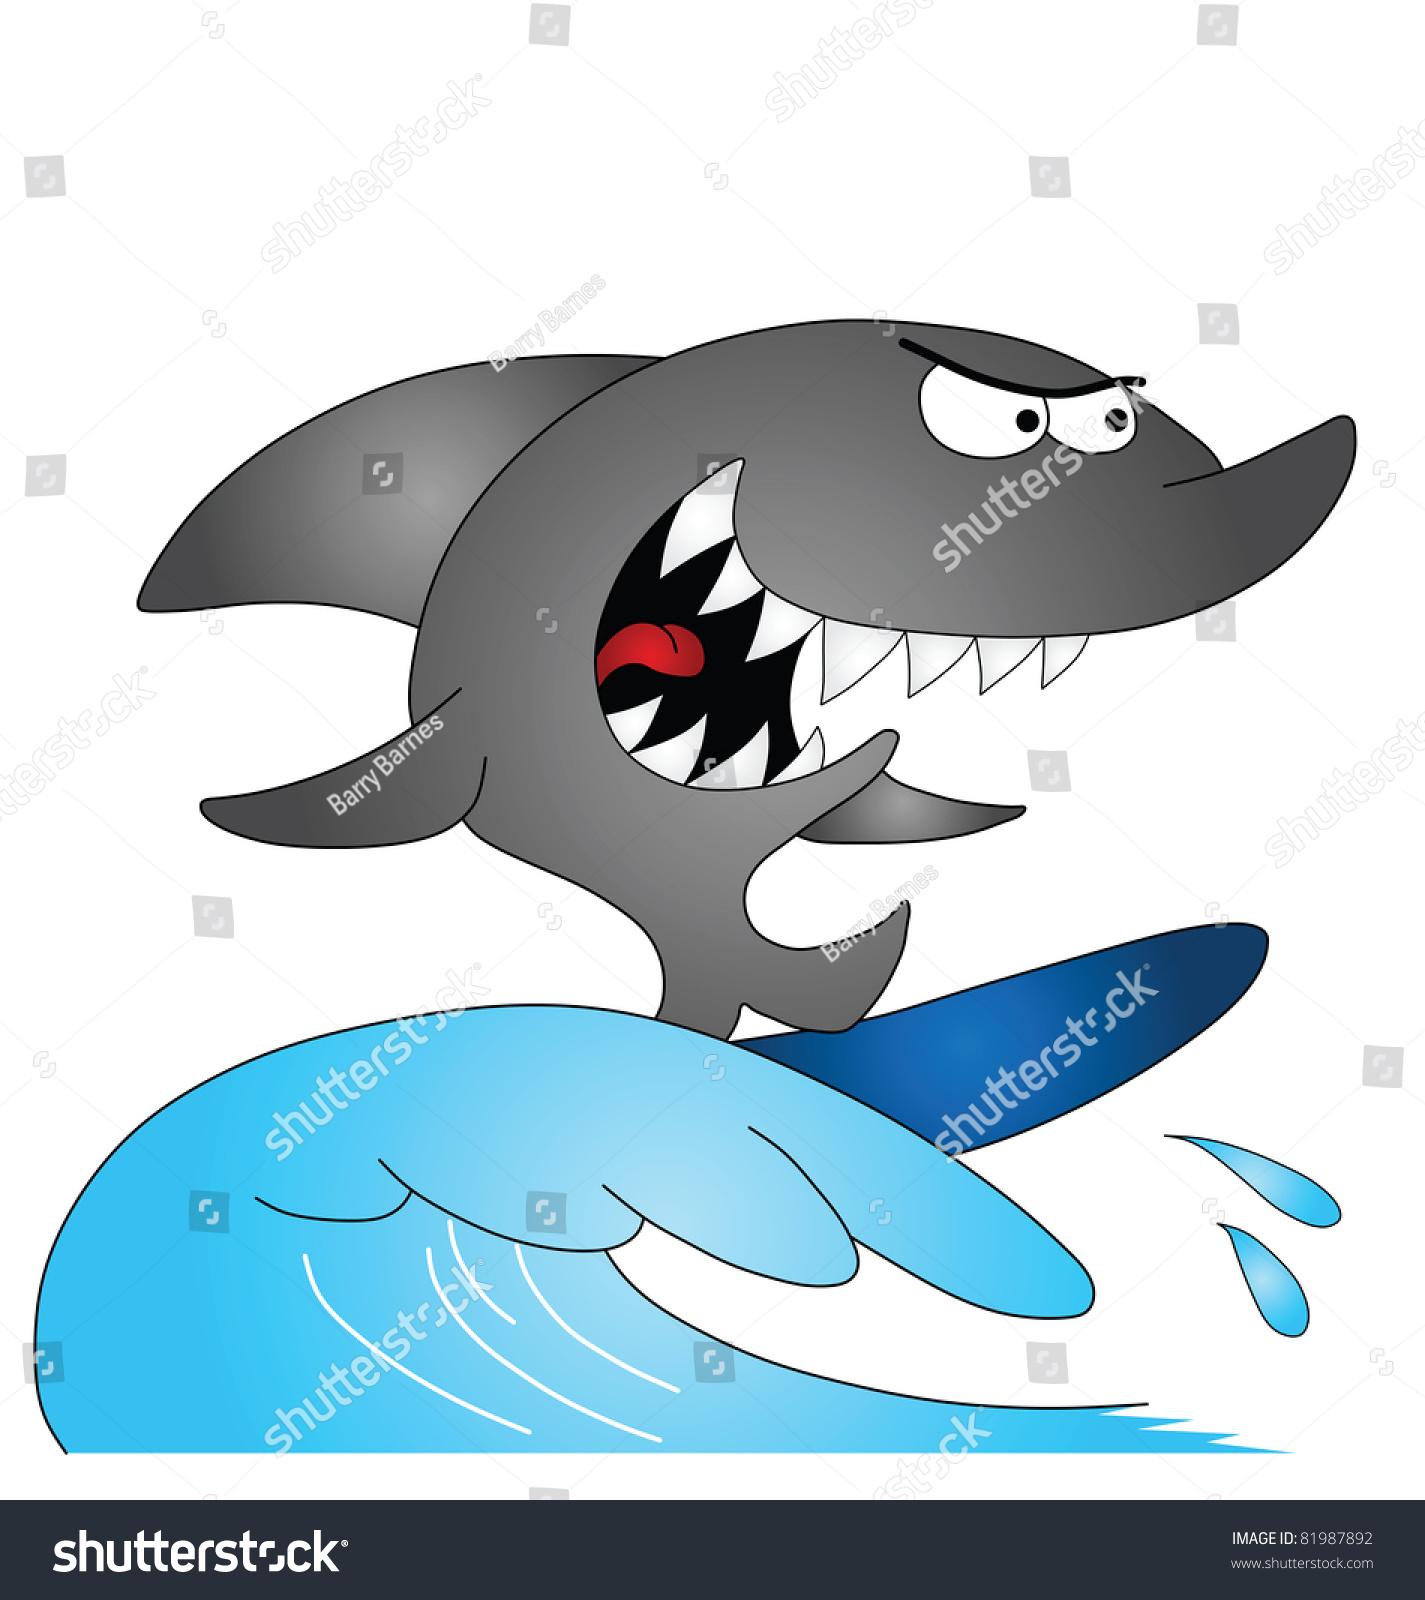 卡通鲨鱼冲浪孤立在白色背景-动物/野生生物,运动/-()